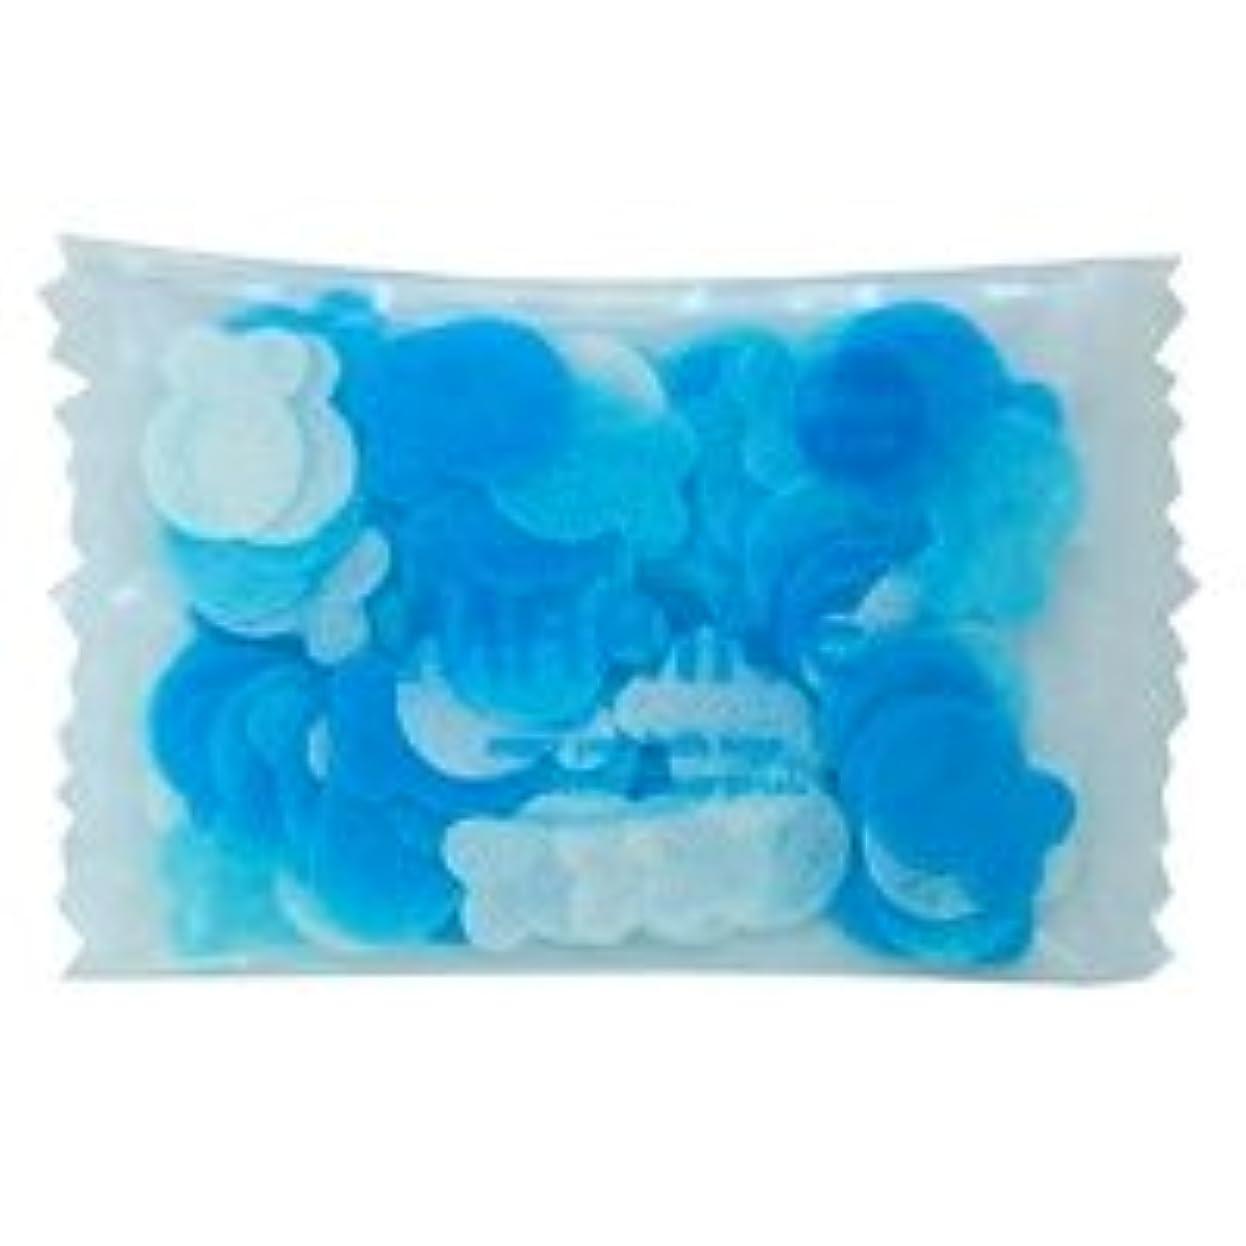 根絶する集める請うフラワーペタル バブルバス ミニパック「マリン」20個セット 穏やかで優しい気持ちになりたい日に心をなごませてくれる爽やかなマリンの香り